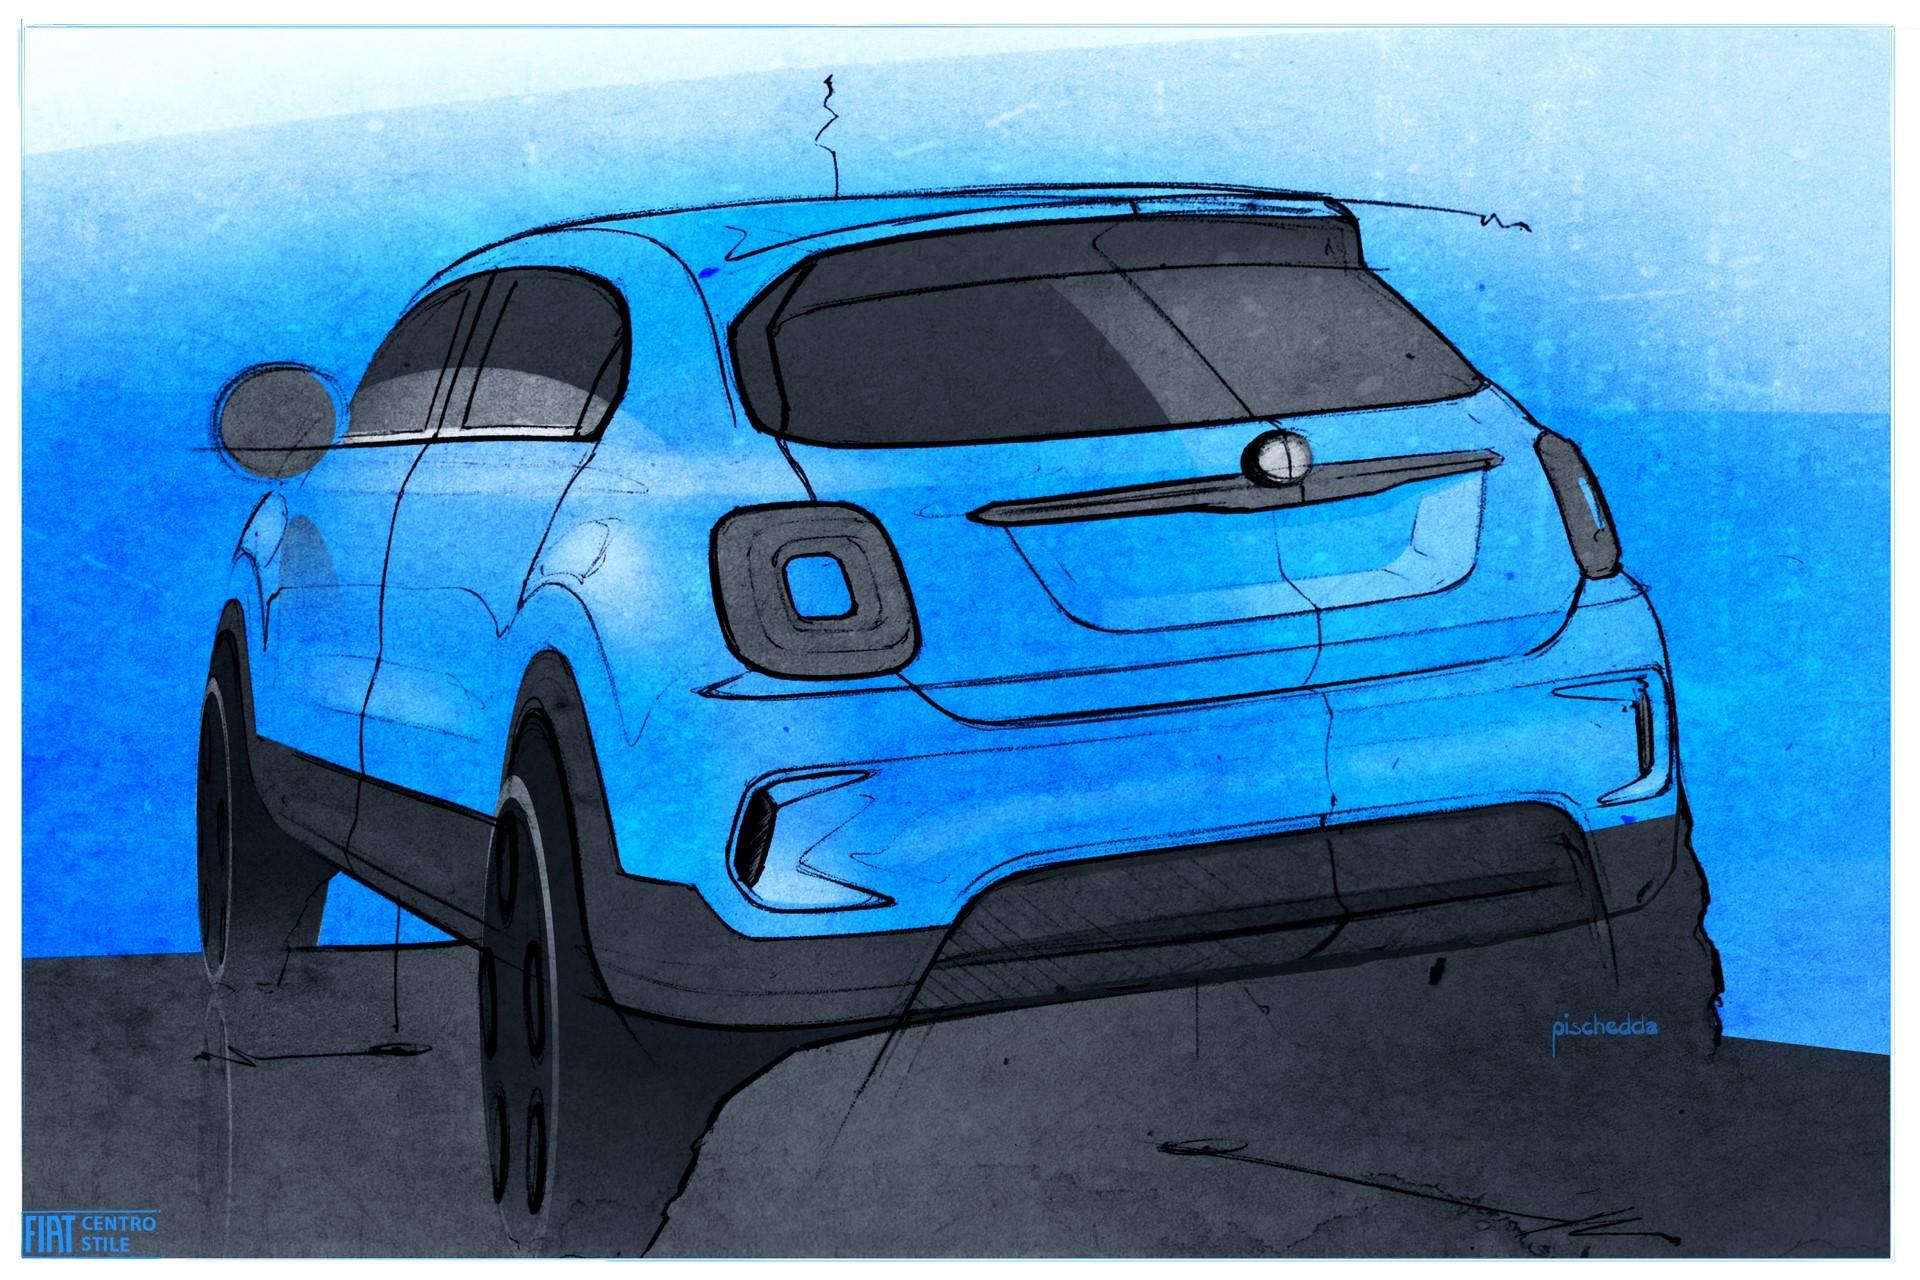 180828_Fiat_New-500X-sketch_05